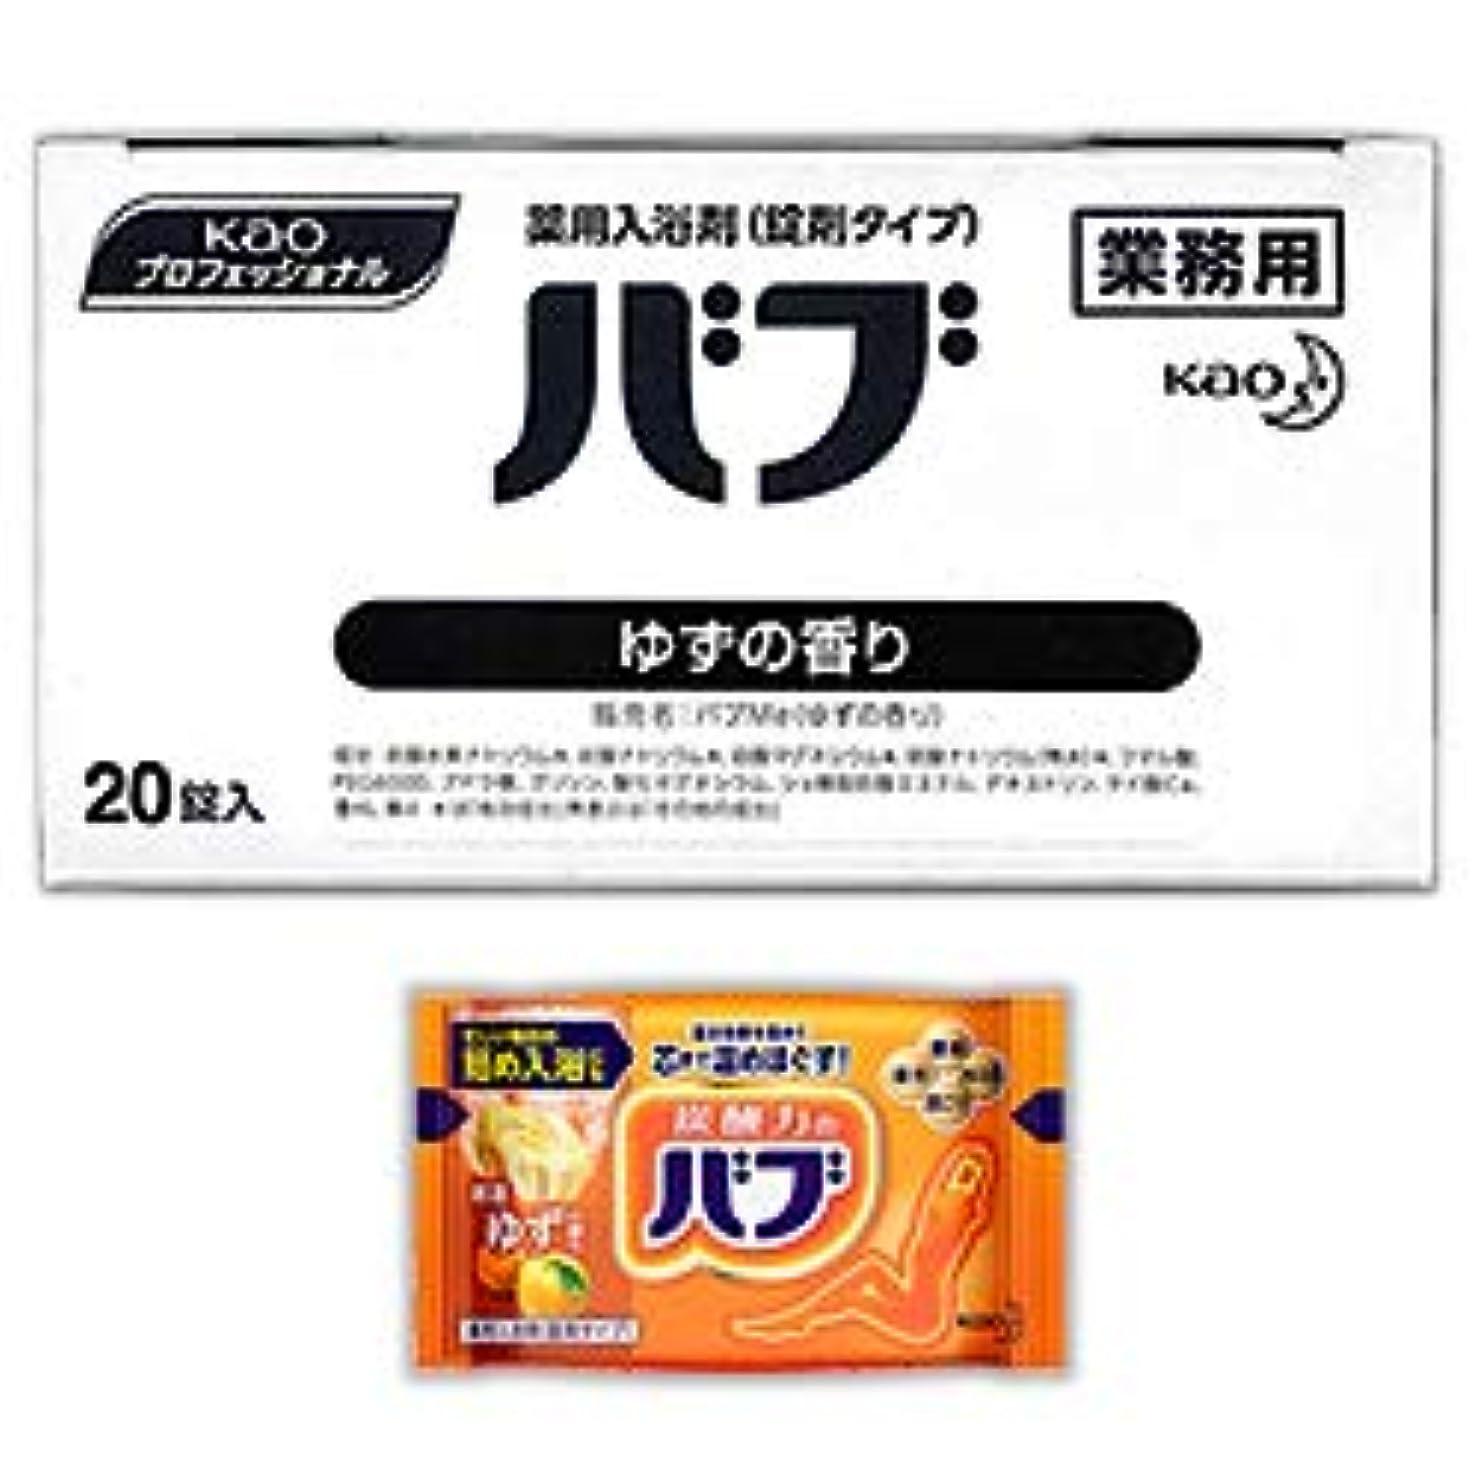 ホーム女性バーチャル【花王】バブ ゆずの香り(業務用)40g 20錠入